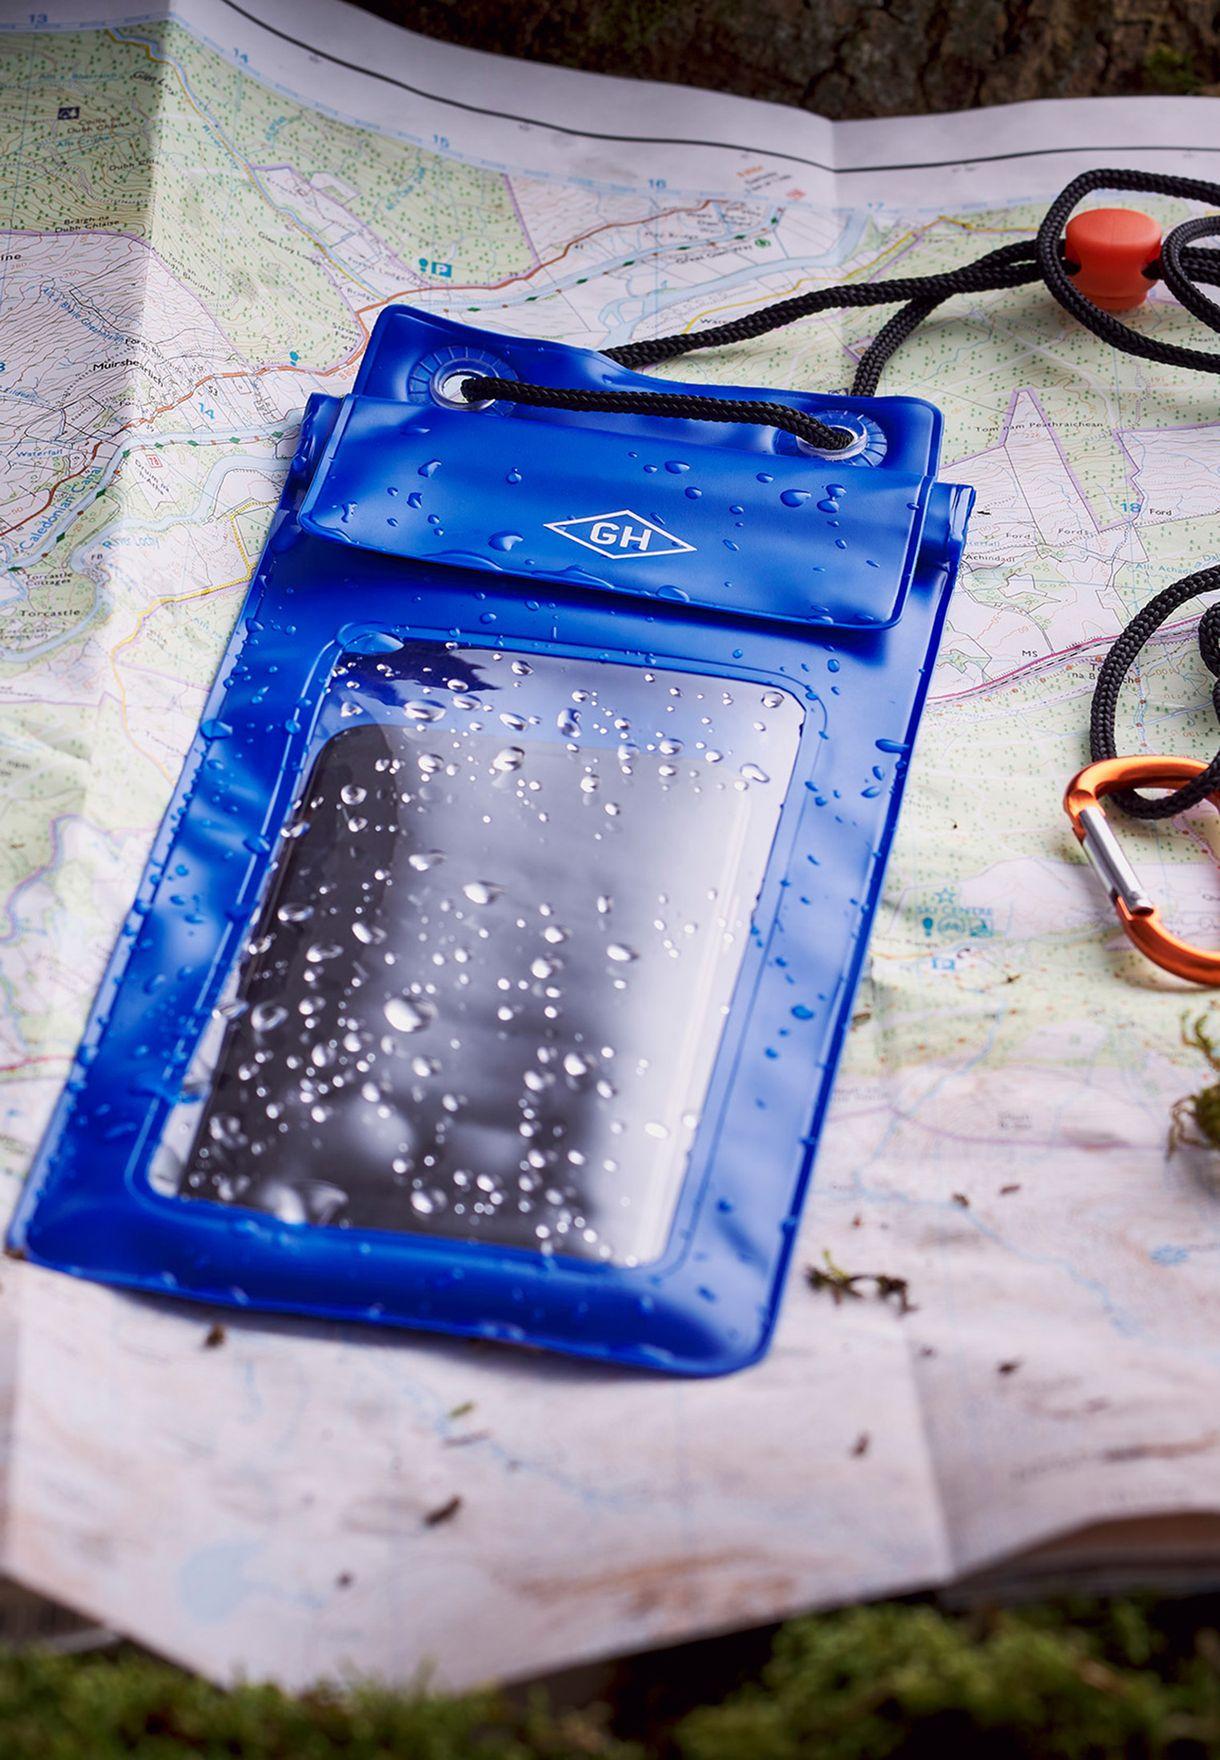 حافظة هاتف مقاومة للماء